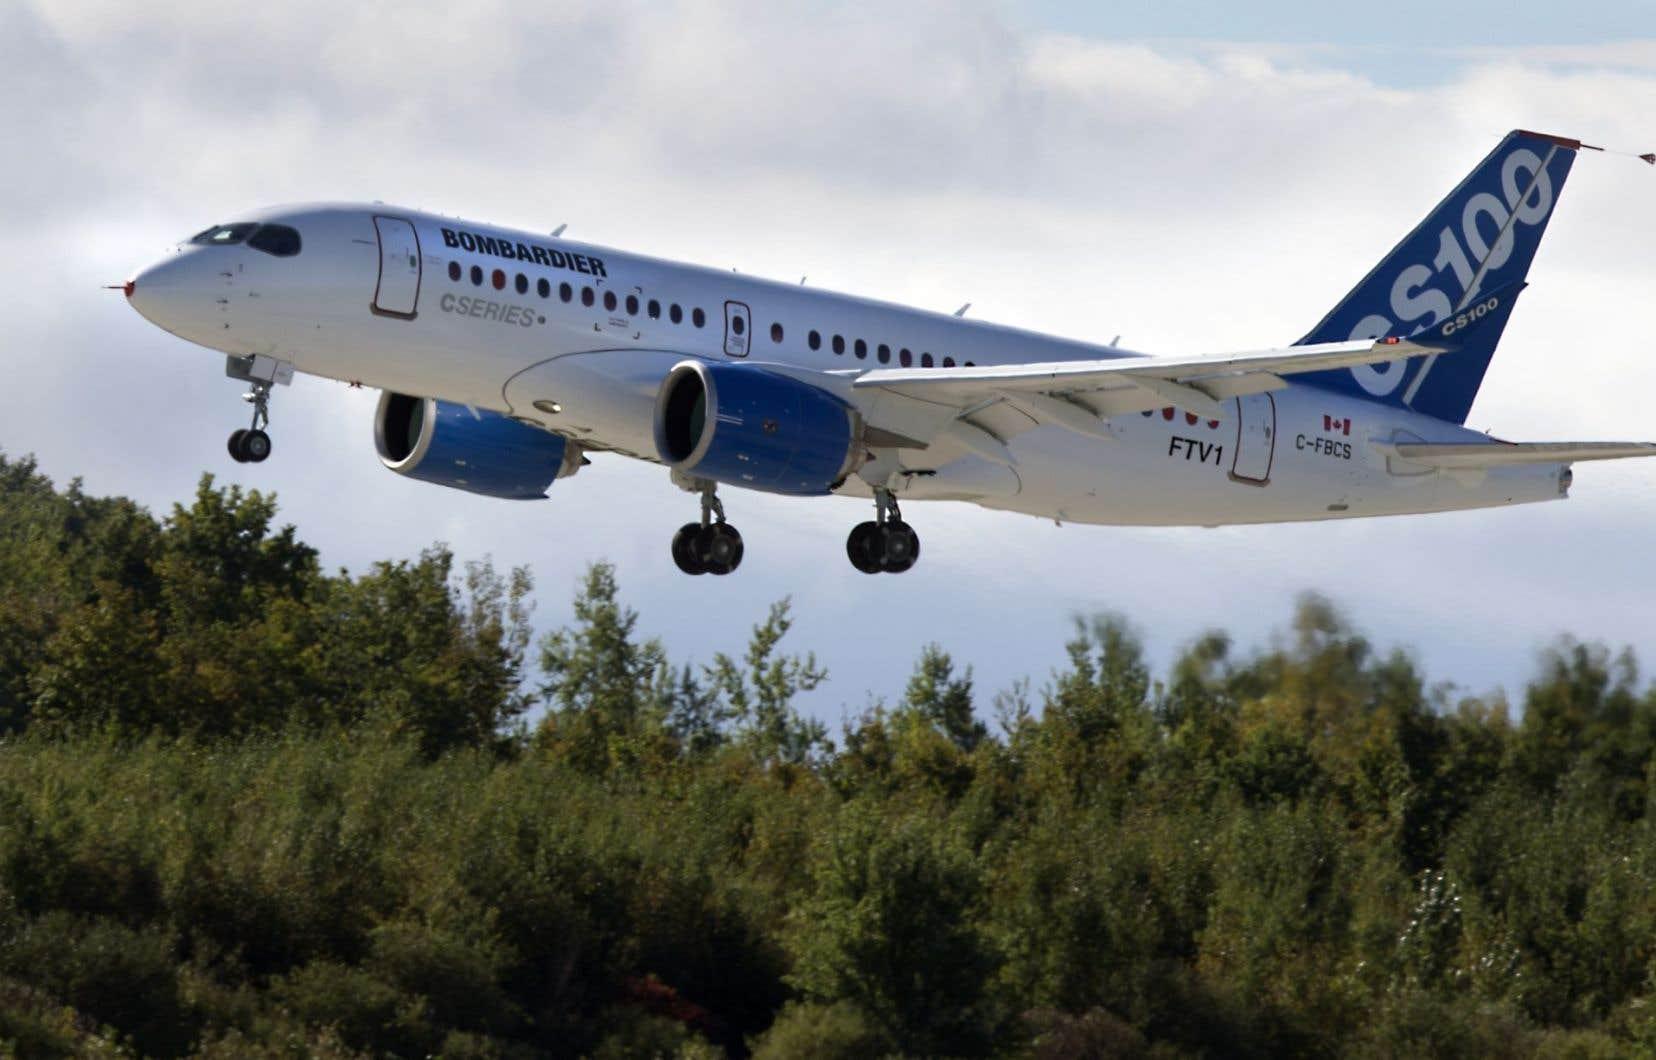 Le programme d'appareils CSeries, récemment mis en service, commence à générer des revenus, car il passe «vers la production à plein régime», affirme Bombardier.